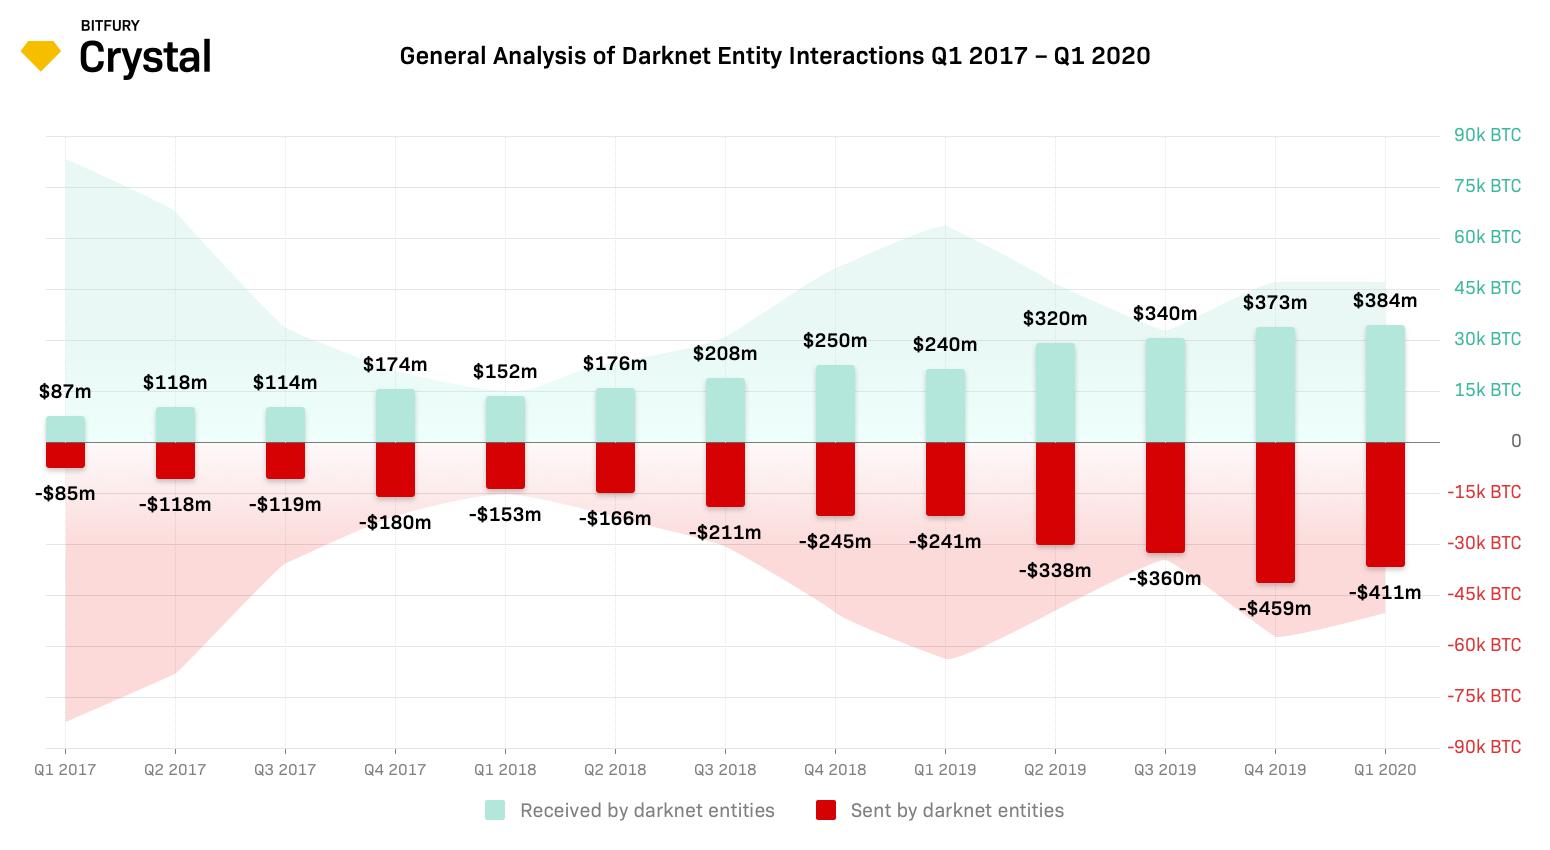 El uso de Bitcoin en los mercados Darknet aumenta un 65% en el primer trimestre